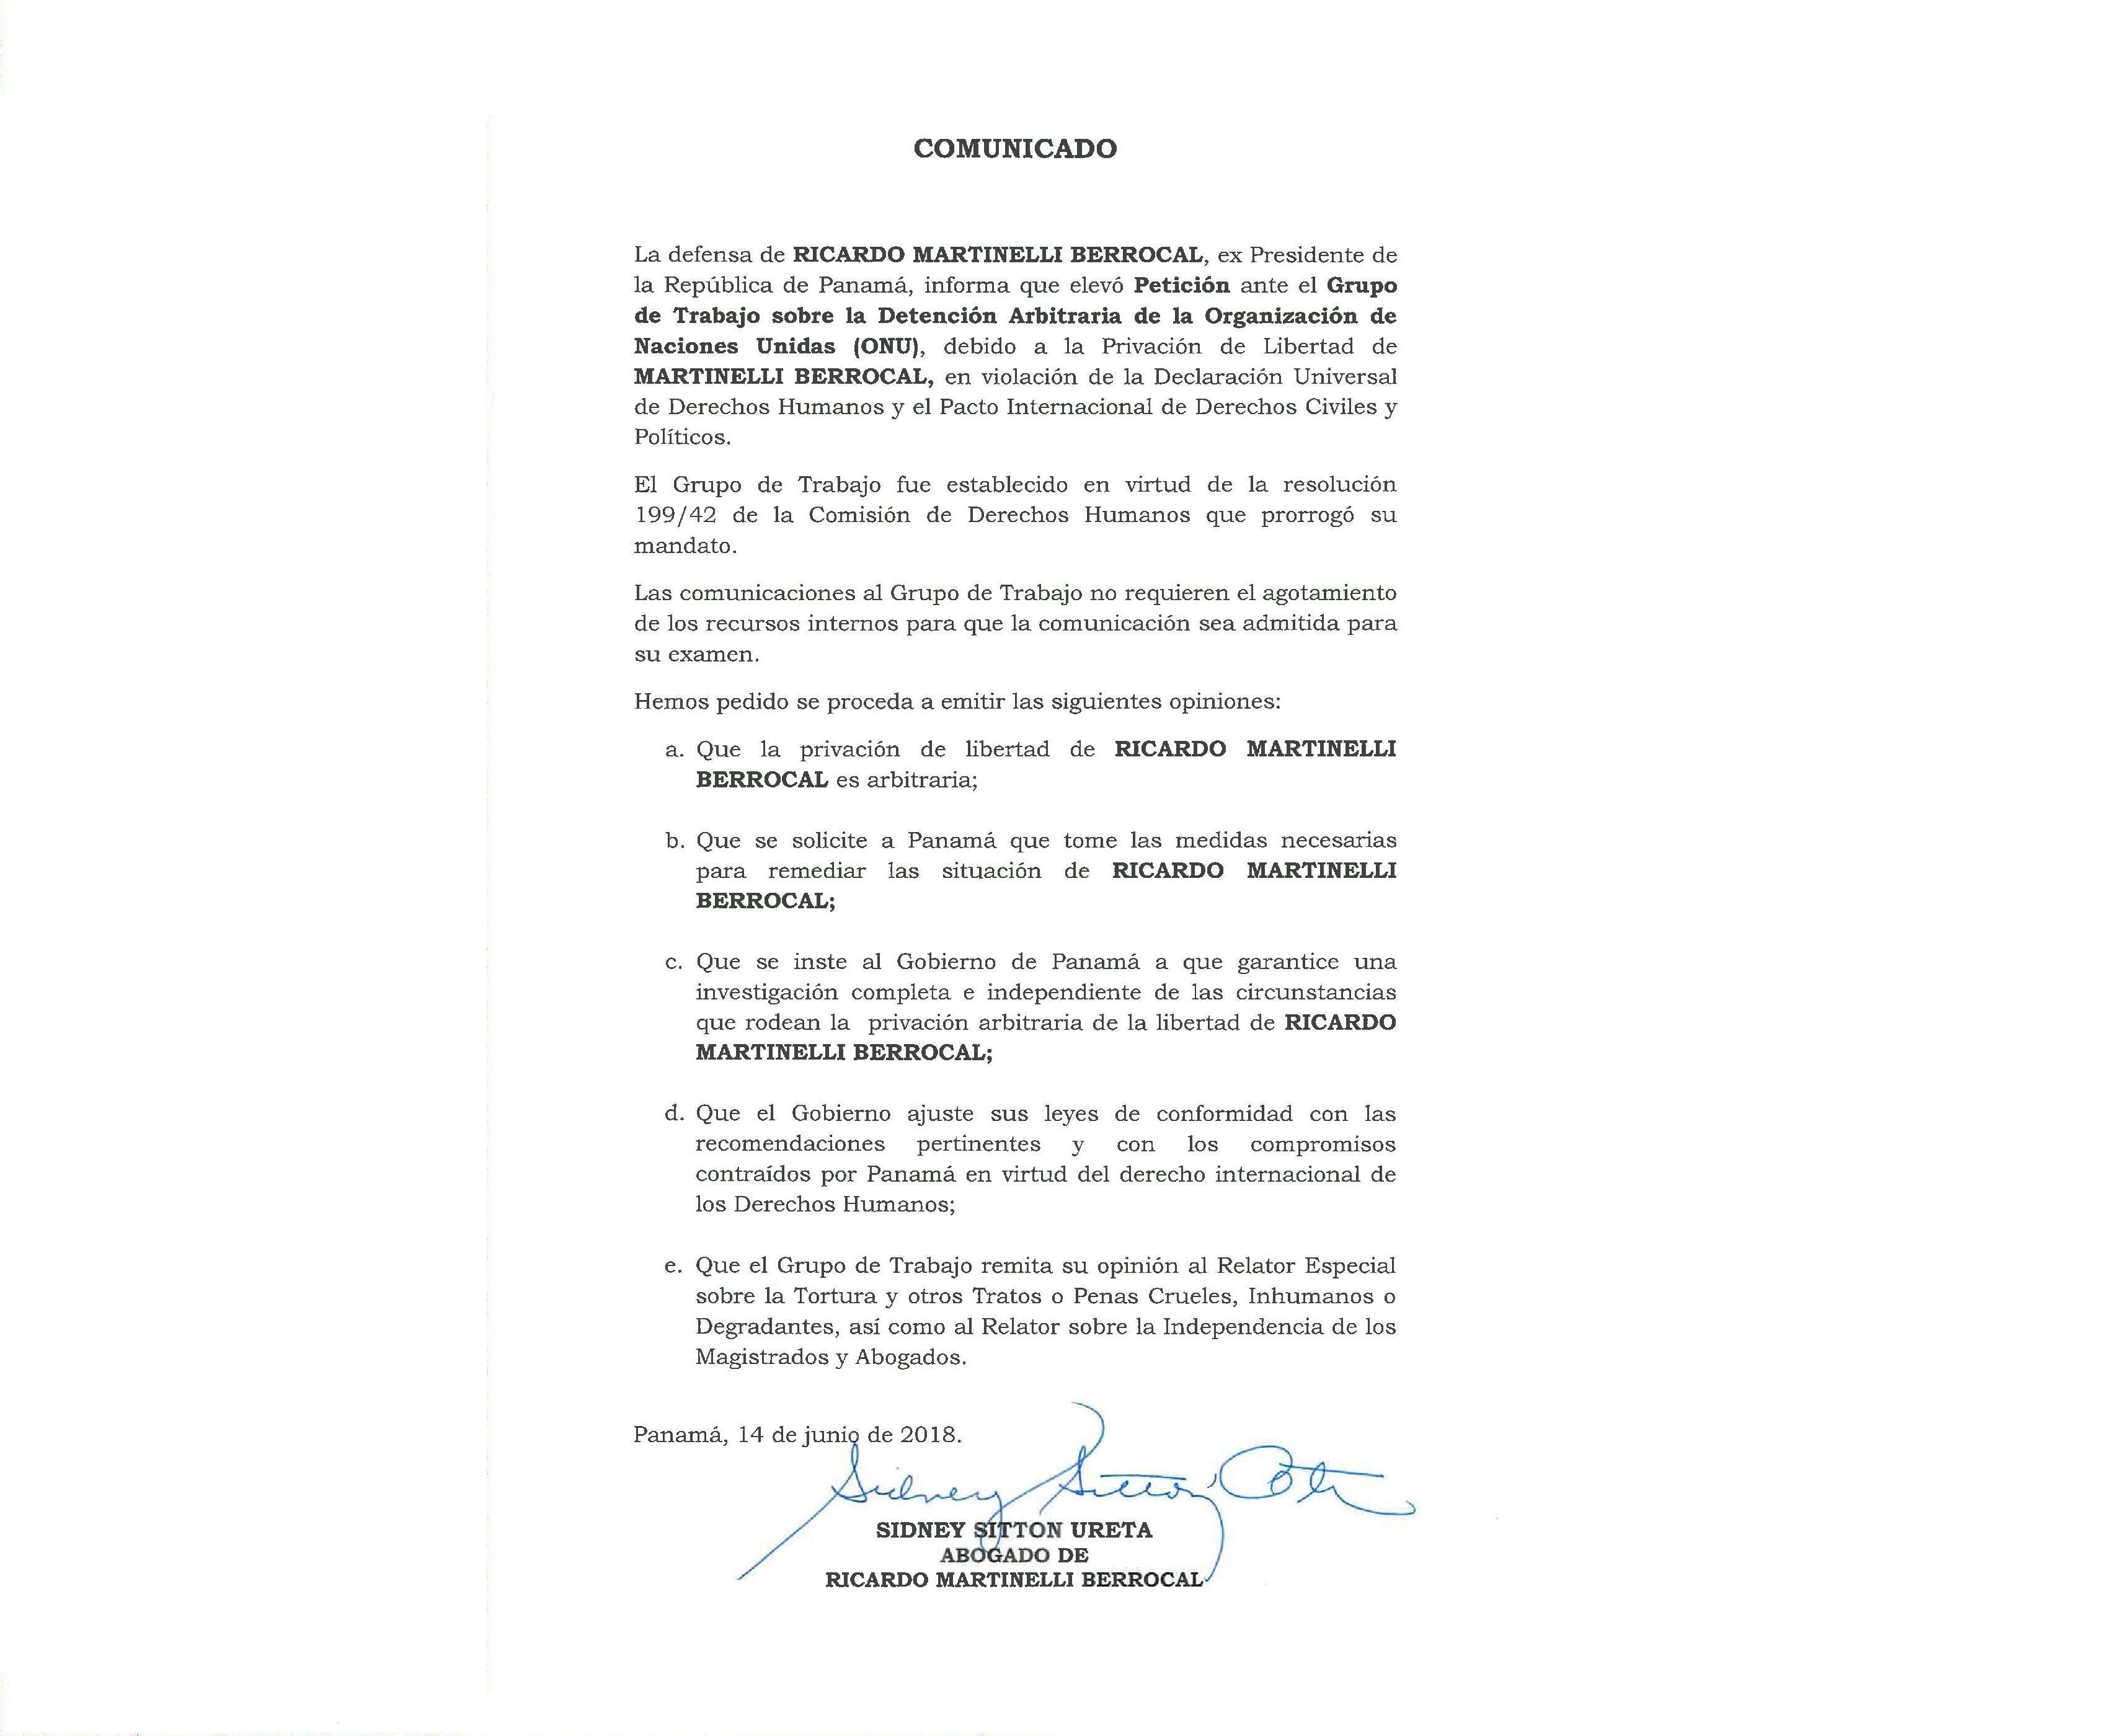 Copia del documento enviado a la ONU.